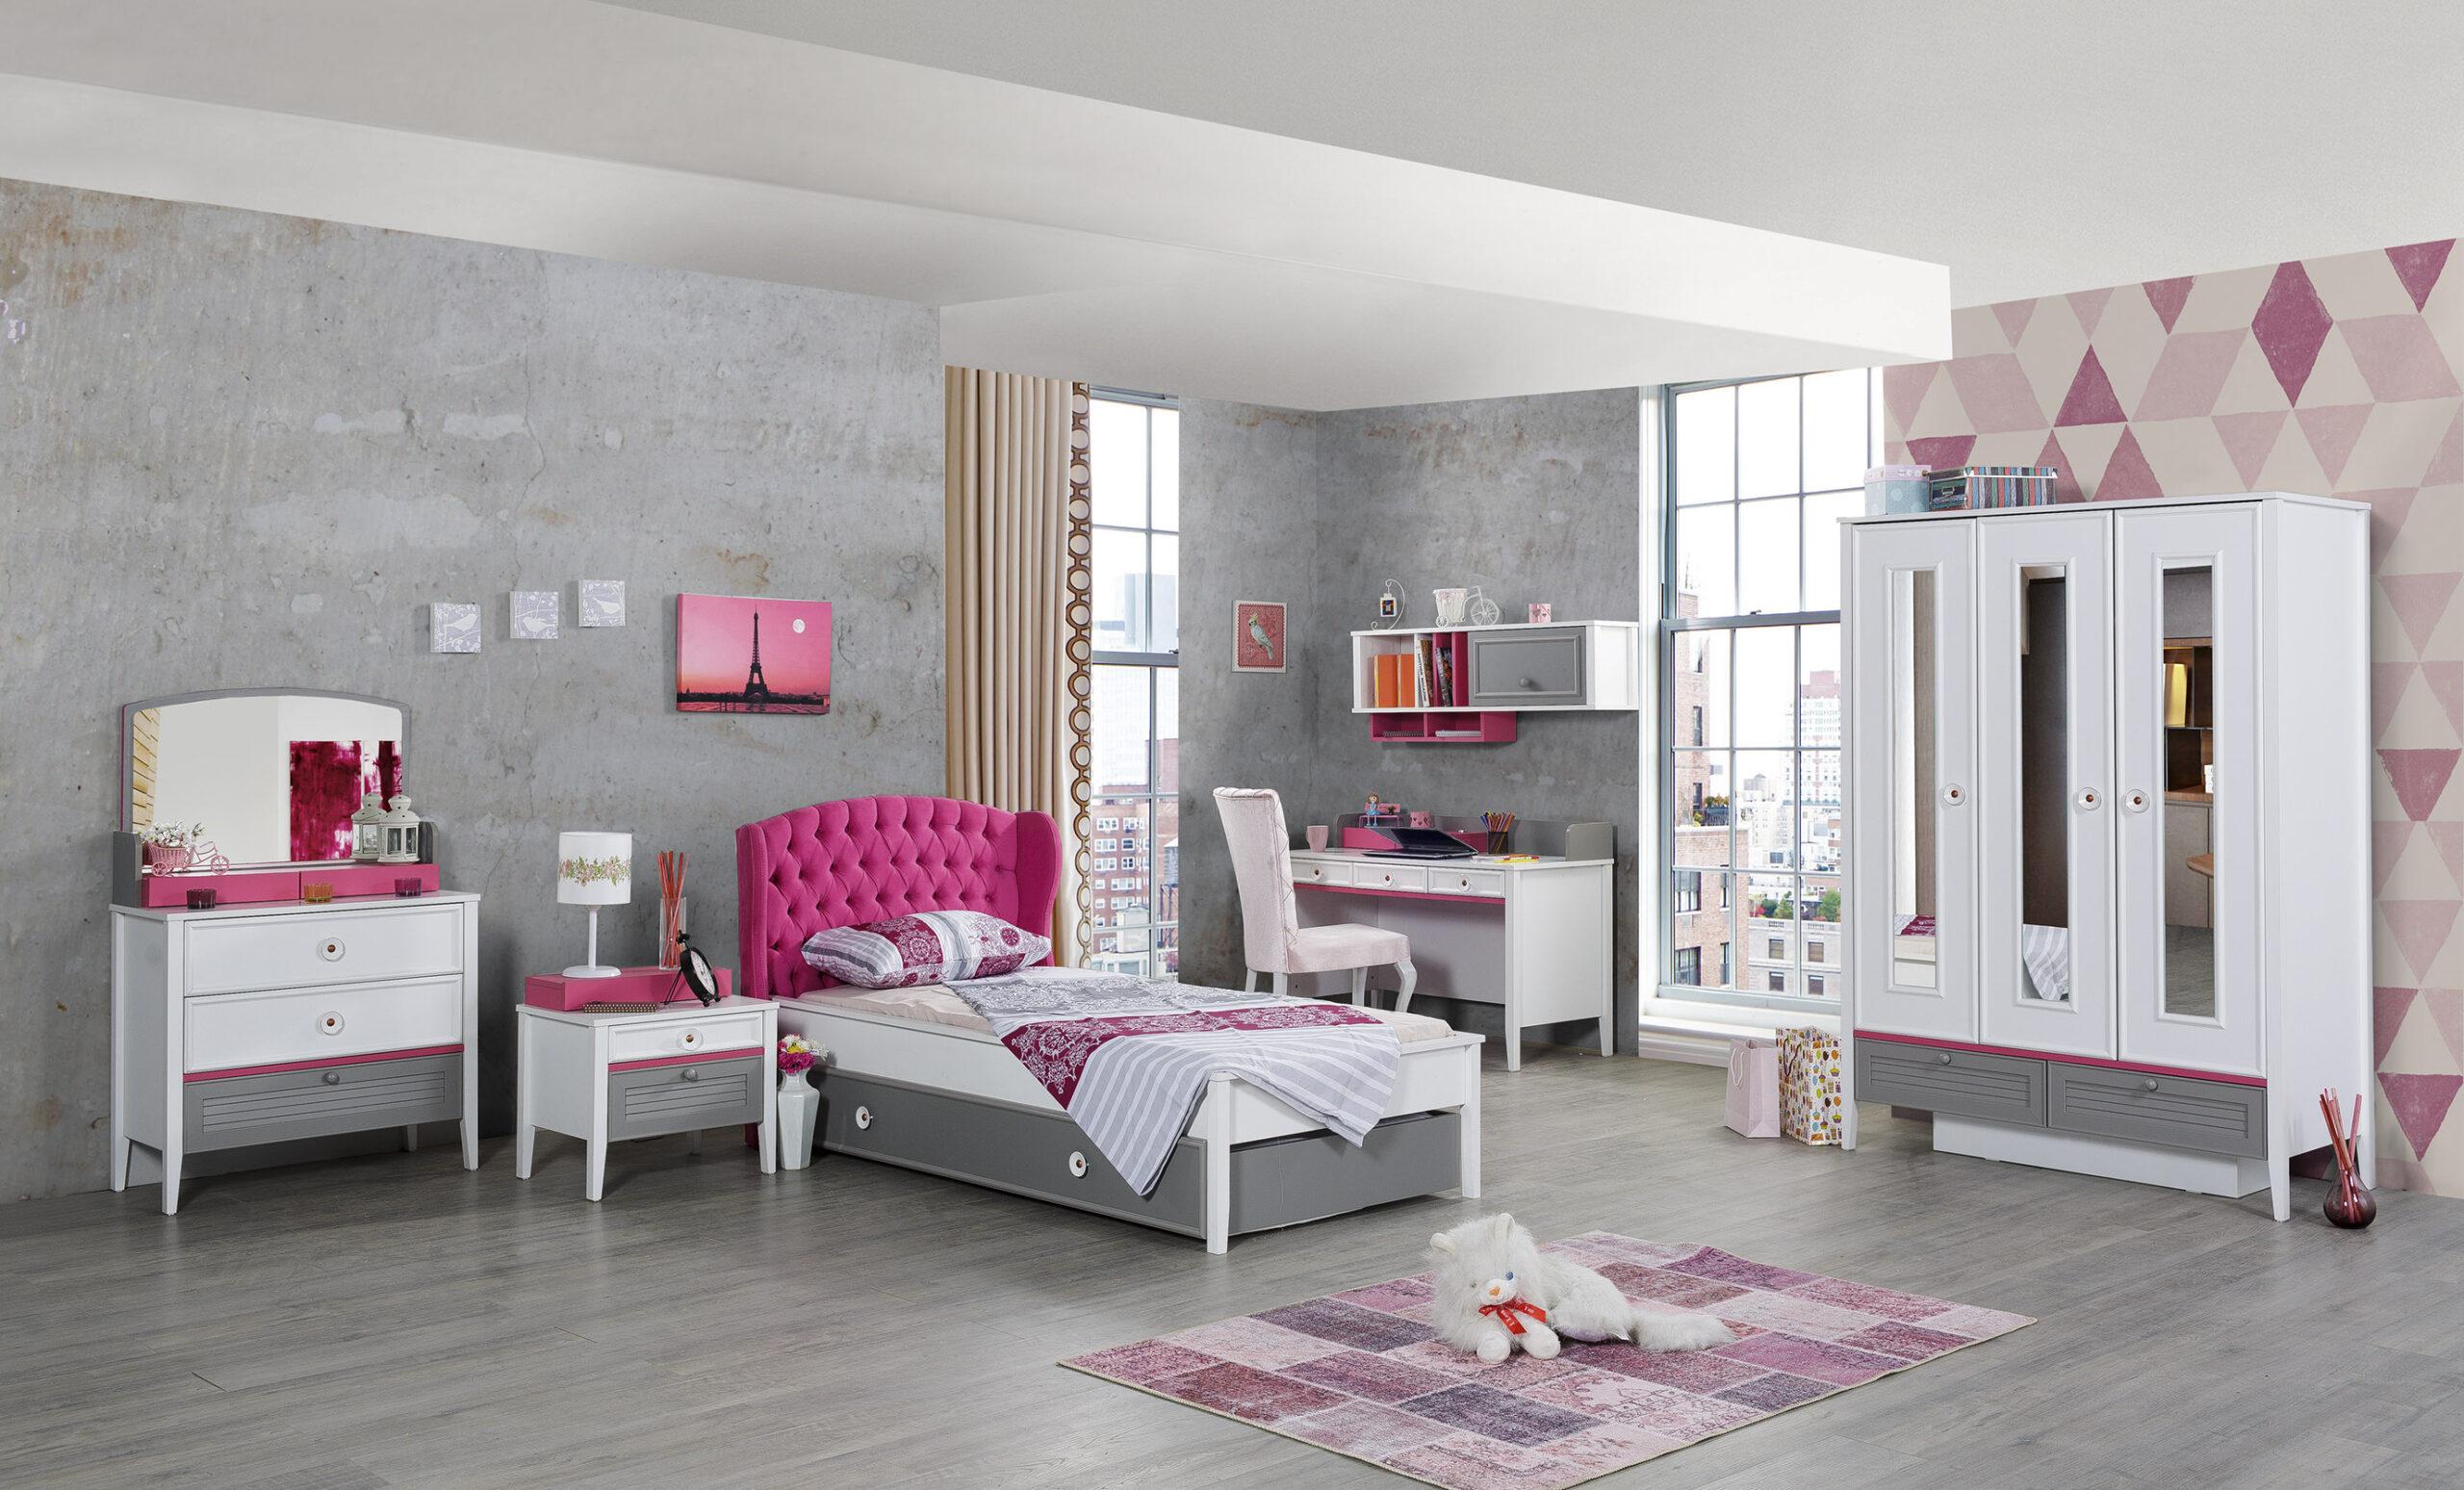 Full Size of Mädchenbetten Wohnzimmer Mädchenbetten